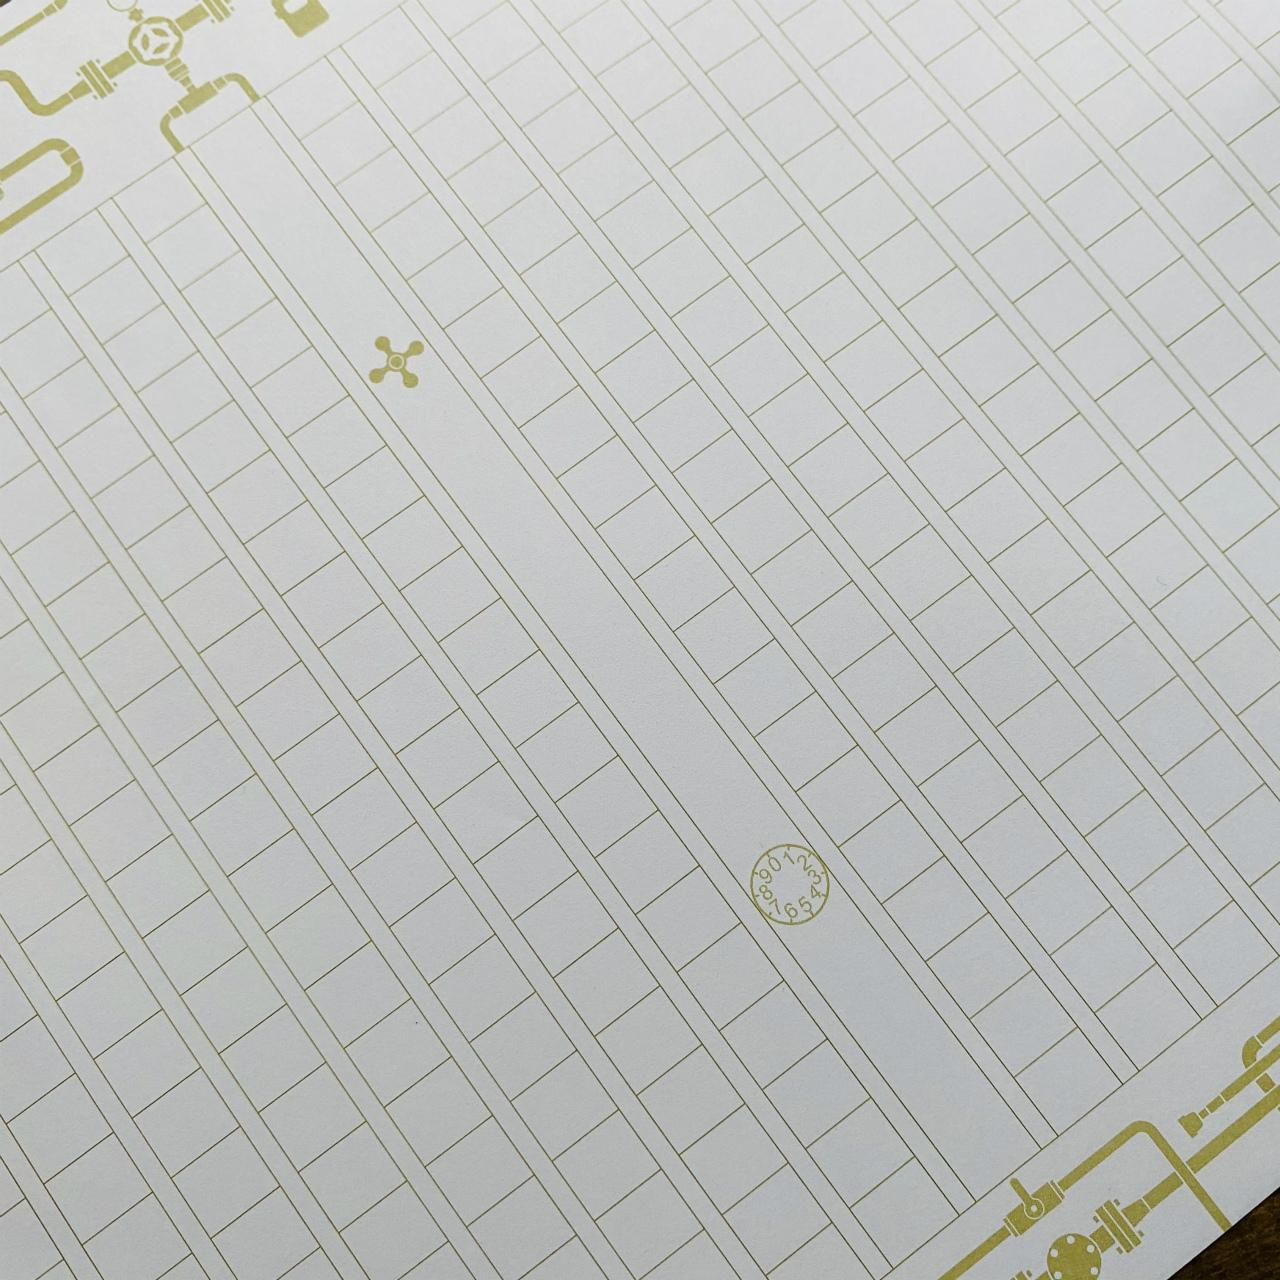 飾り原稿用紙「鍮導管」(限定柄・限定色)